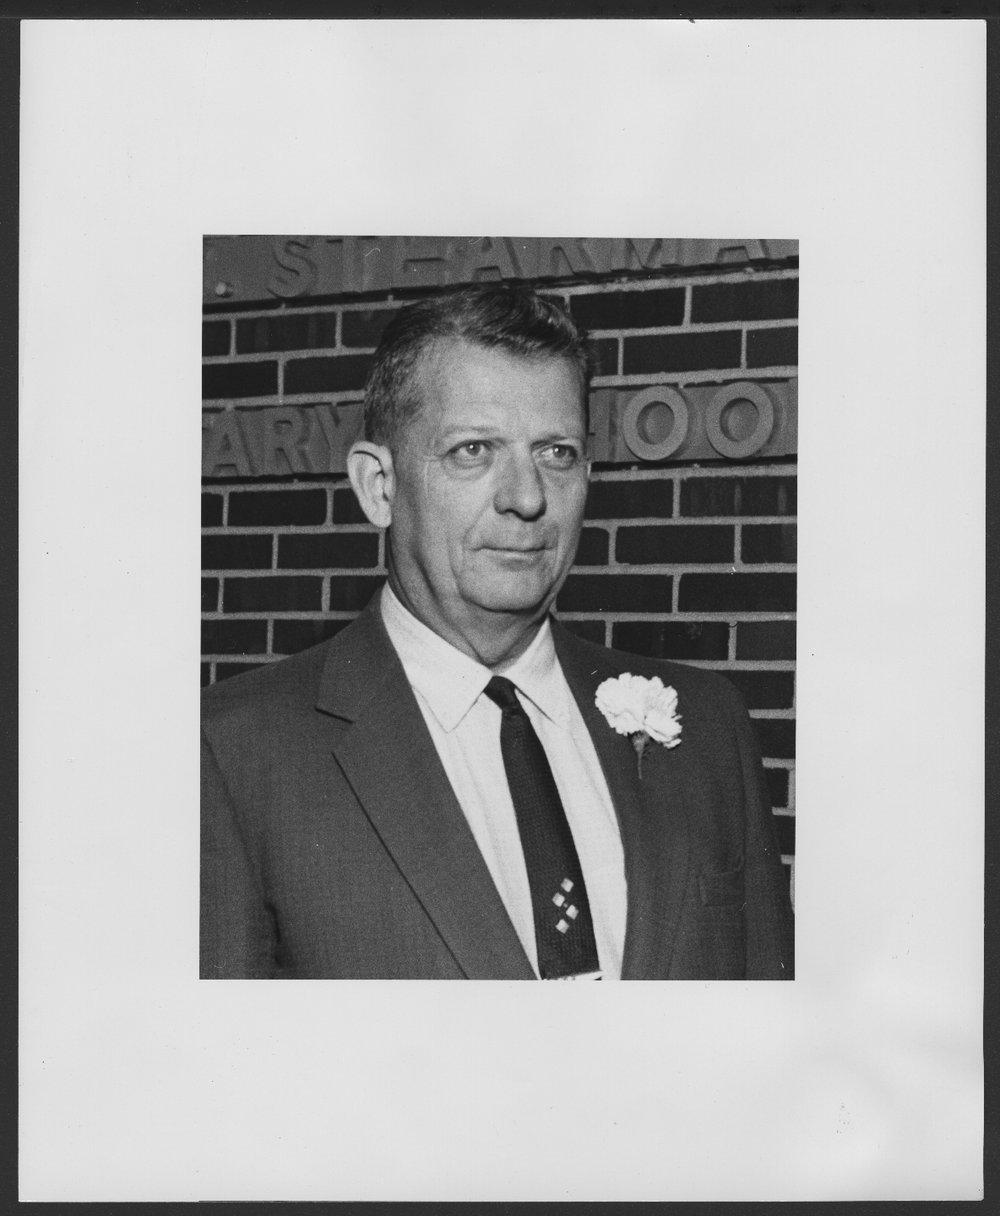 Lloyd Stearman